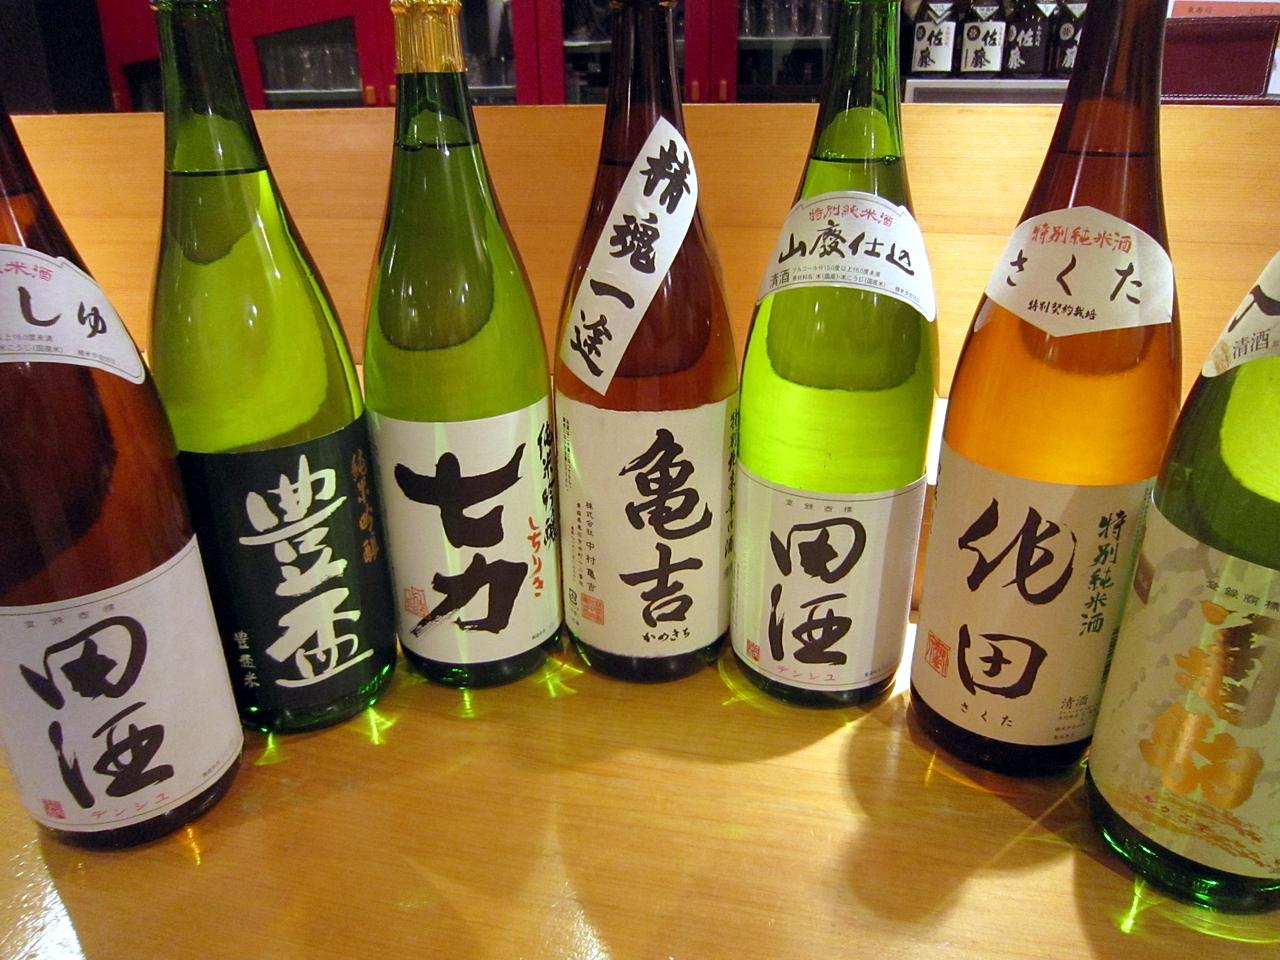 日本酒が初めての人も必見!!青森の日本酒について語ろう♪のサムネイル画像